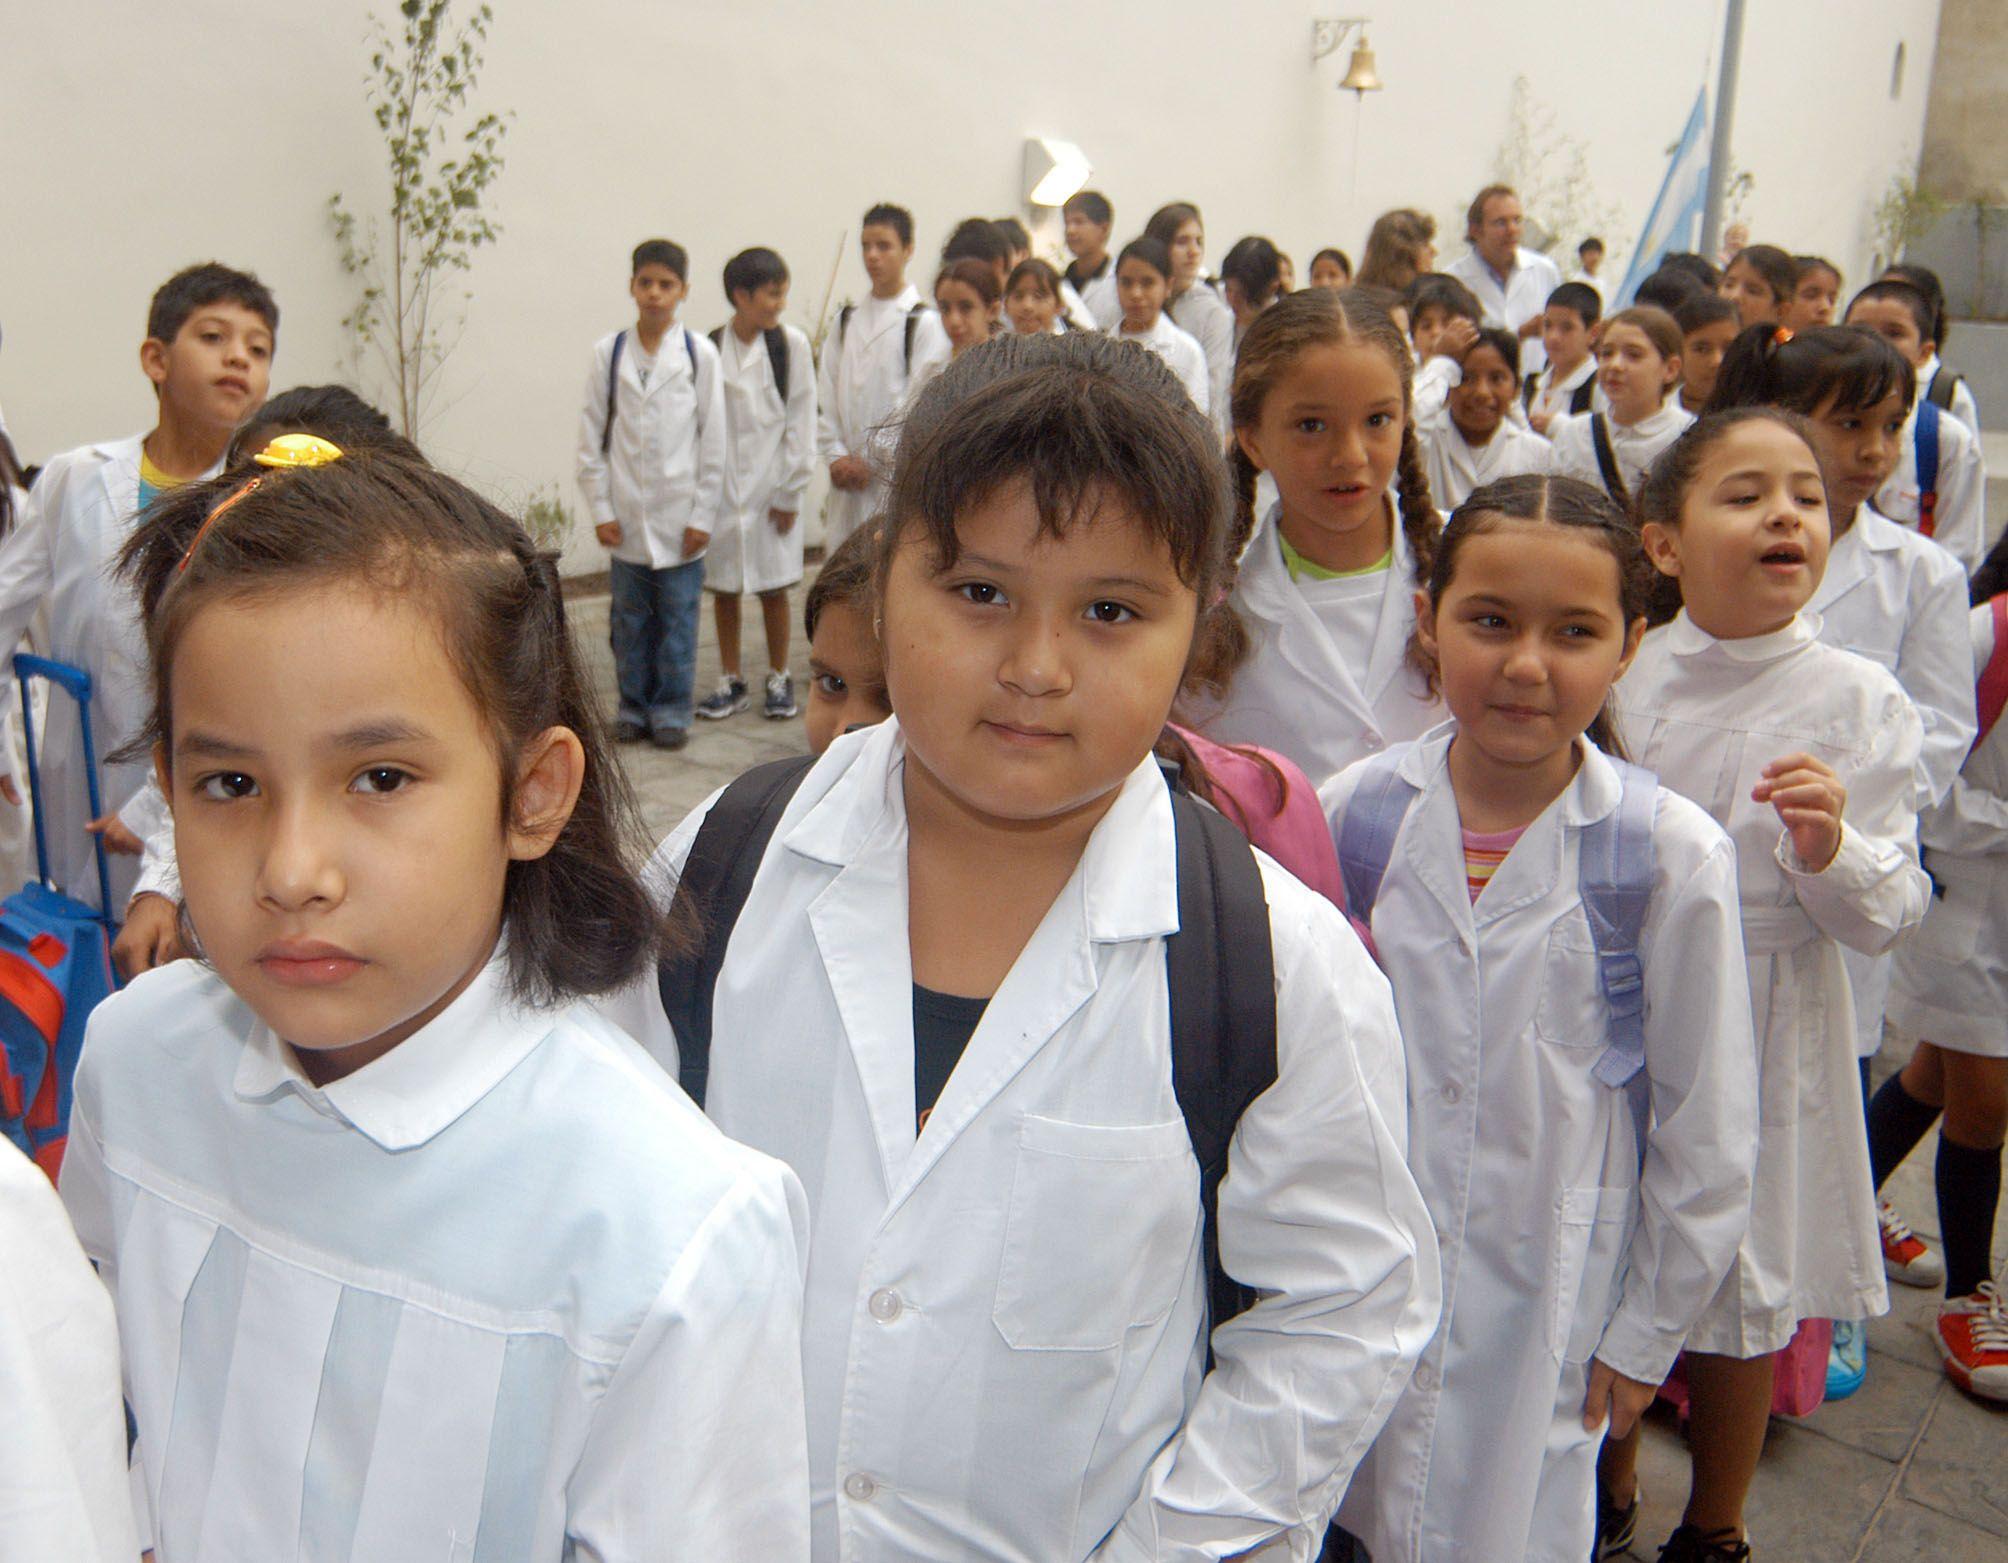 Calendario Escolar 2019: las clases empezarán el 6 de marzo en la Provincia